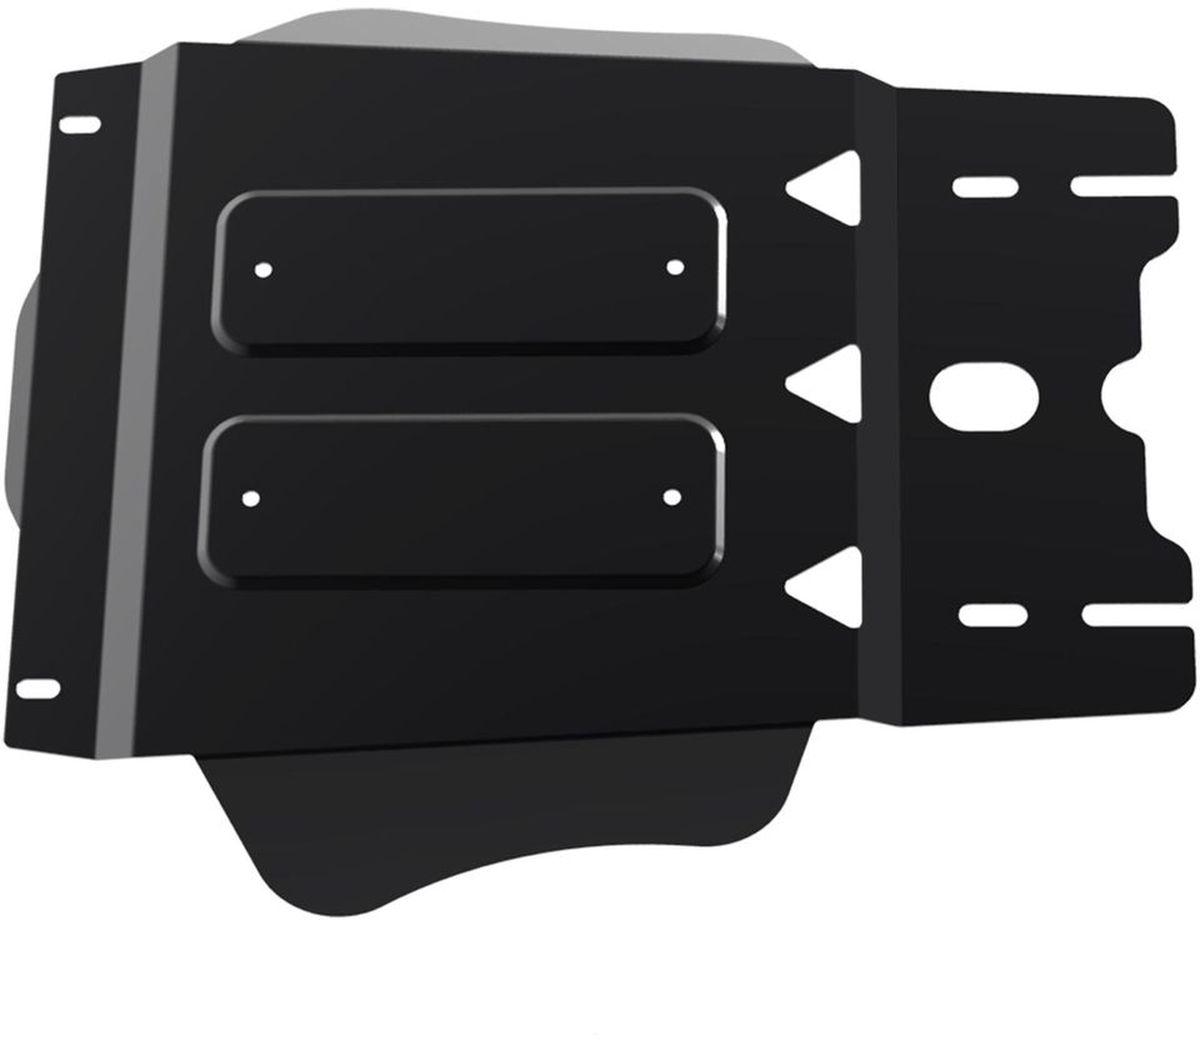 Защита КПП и РК Автоброня UAZ Patriot 2007-2013, сталь 3 мм222.06302.2Защита КПП и РК Автоброня UAZ Patriot 2007-2013, сталь 3 мм, комплект крепежа, 222.06302.2Дополнительно можно приобрести другие защитные элементы из комплекта: защита рулевых тяг - 222.06301.1Стальные защиты Автоброня надежно защищают ваш автомобиль от повреждений при наезде на бордюры, выступающие канализационные люки, кромки поврежденного асфальта или при ремонте дорог, не говоря уже о загородных дорогах.- Имеют оптимальное соотношение цена-качество.- Спроектированы с учетом особенностей автомобиля, что делает установку удобной.- Защита устанавливается в штатные места кузова автомобиля.- Является надежной защитой для важных элементов на протяжении долгих лет.- Глубокий штамп дополнительно усиливает конструкцию защиты.- Подштамповка в местах крепления защищает крепеж от срезания.- Технологические отверстия там, где они необходимы для смены масла и слива воды, оборудованные заглушками, закрепленными на защите.Толщина стали 3 мм.В комплекте крепеж и инструкция по установке.Уважаемые клиенты!Обращаем ваше внимание на тот факт, что защита имеет форму, соответствующую модели данного автомобиля. Наличие глубокого штампа и лючков для смены фильтров/масла предусмотрено не на всех защитах. Фото служит для визуального восприятия товара.